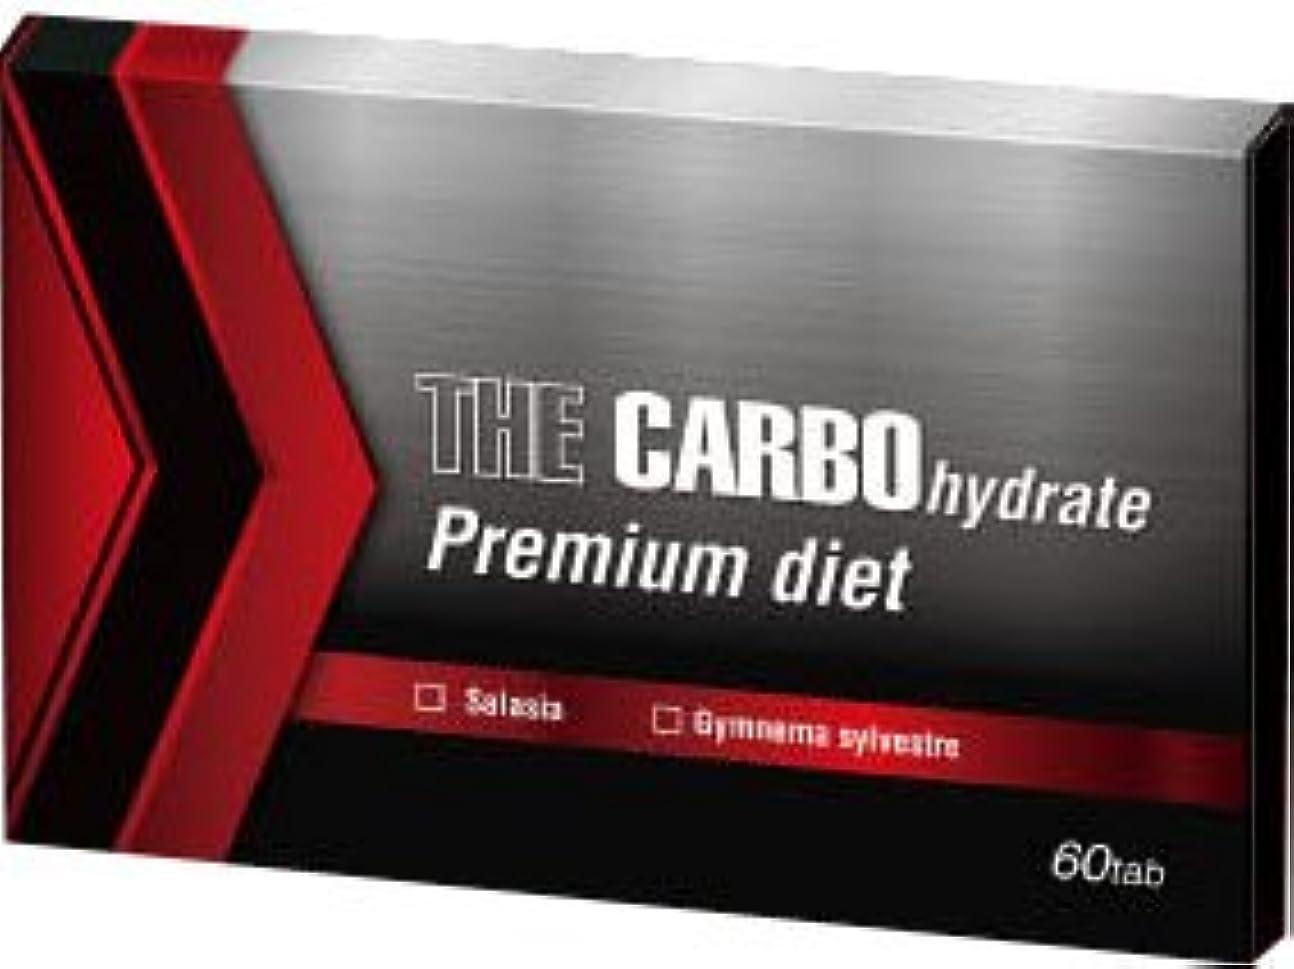 ザ?糖質プレミアムダイエット60Tab〔THE CARBO hydrate Premium daiet〕